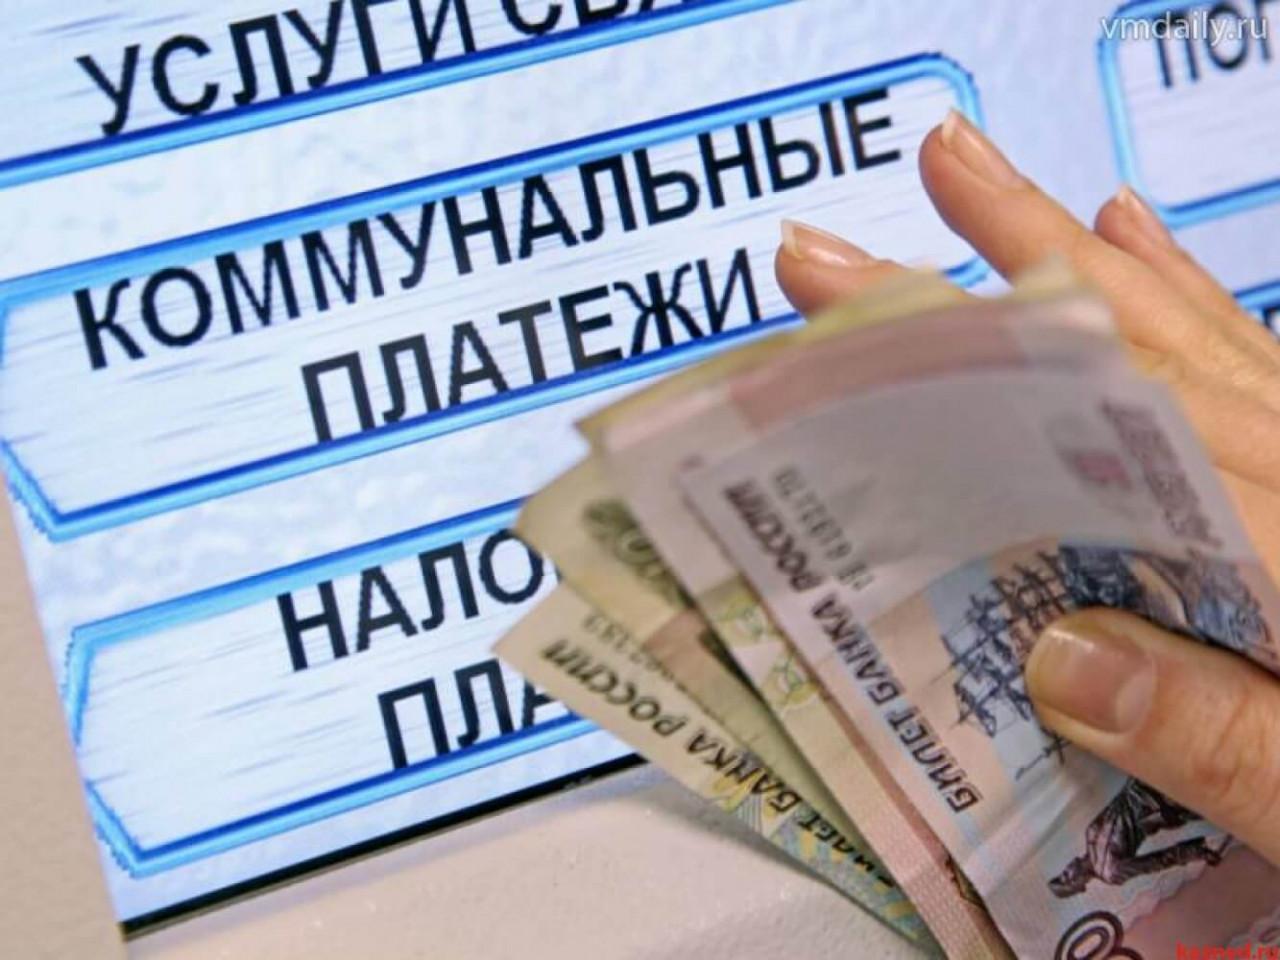 Оплата коммунальных услуг с 1 января 2020 года может облагаться банковской комиссией